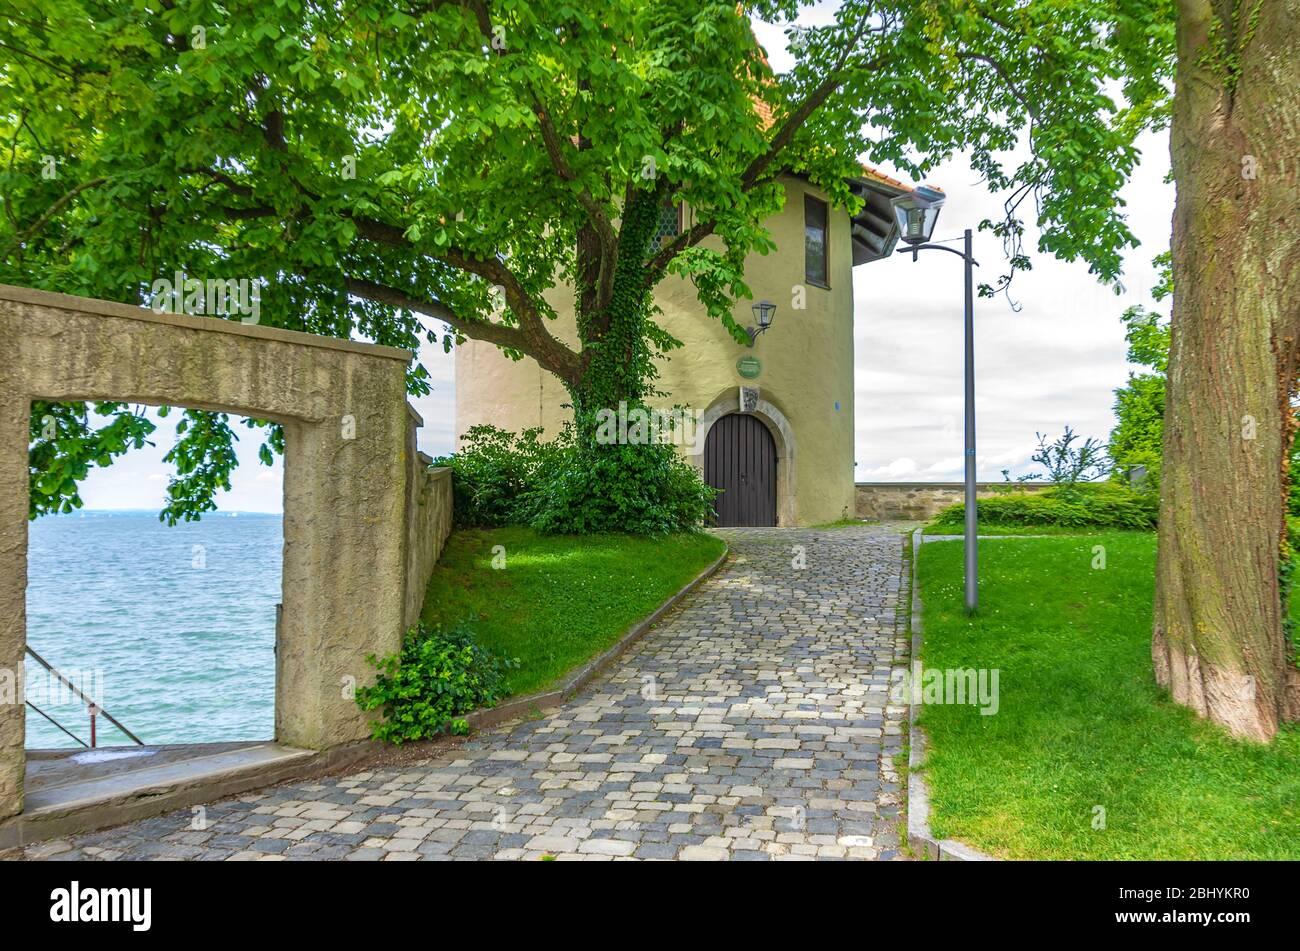 Der historische Schießpulverturm der Altstadtbefestigung am Nordwestufer der Lindauer Altstadt im Bodensee, Bayern, Deutschland, Europa Stockfoto